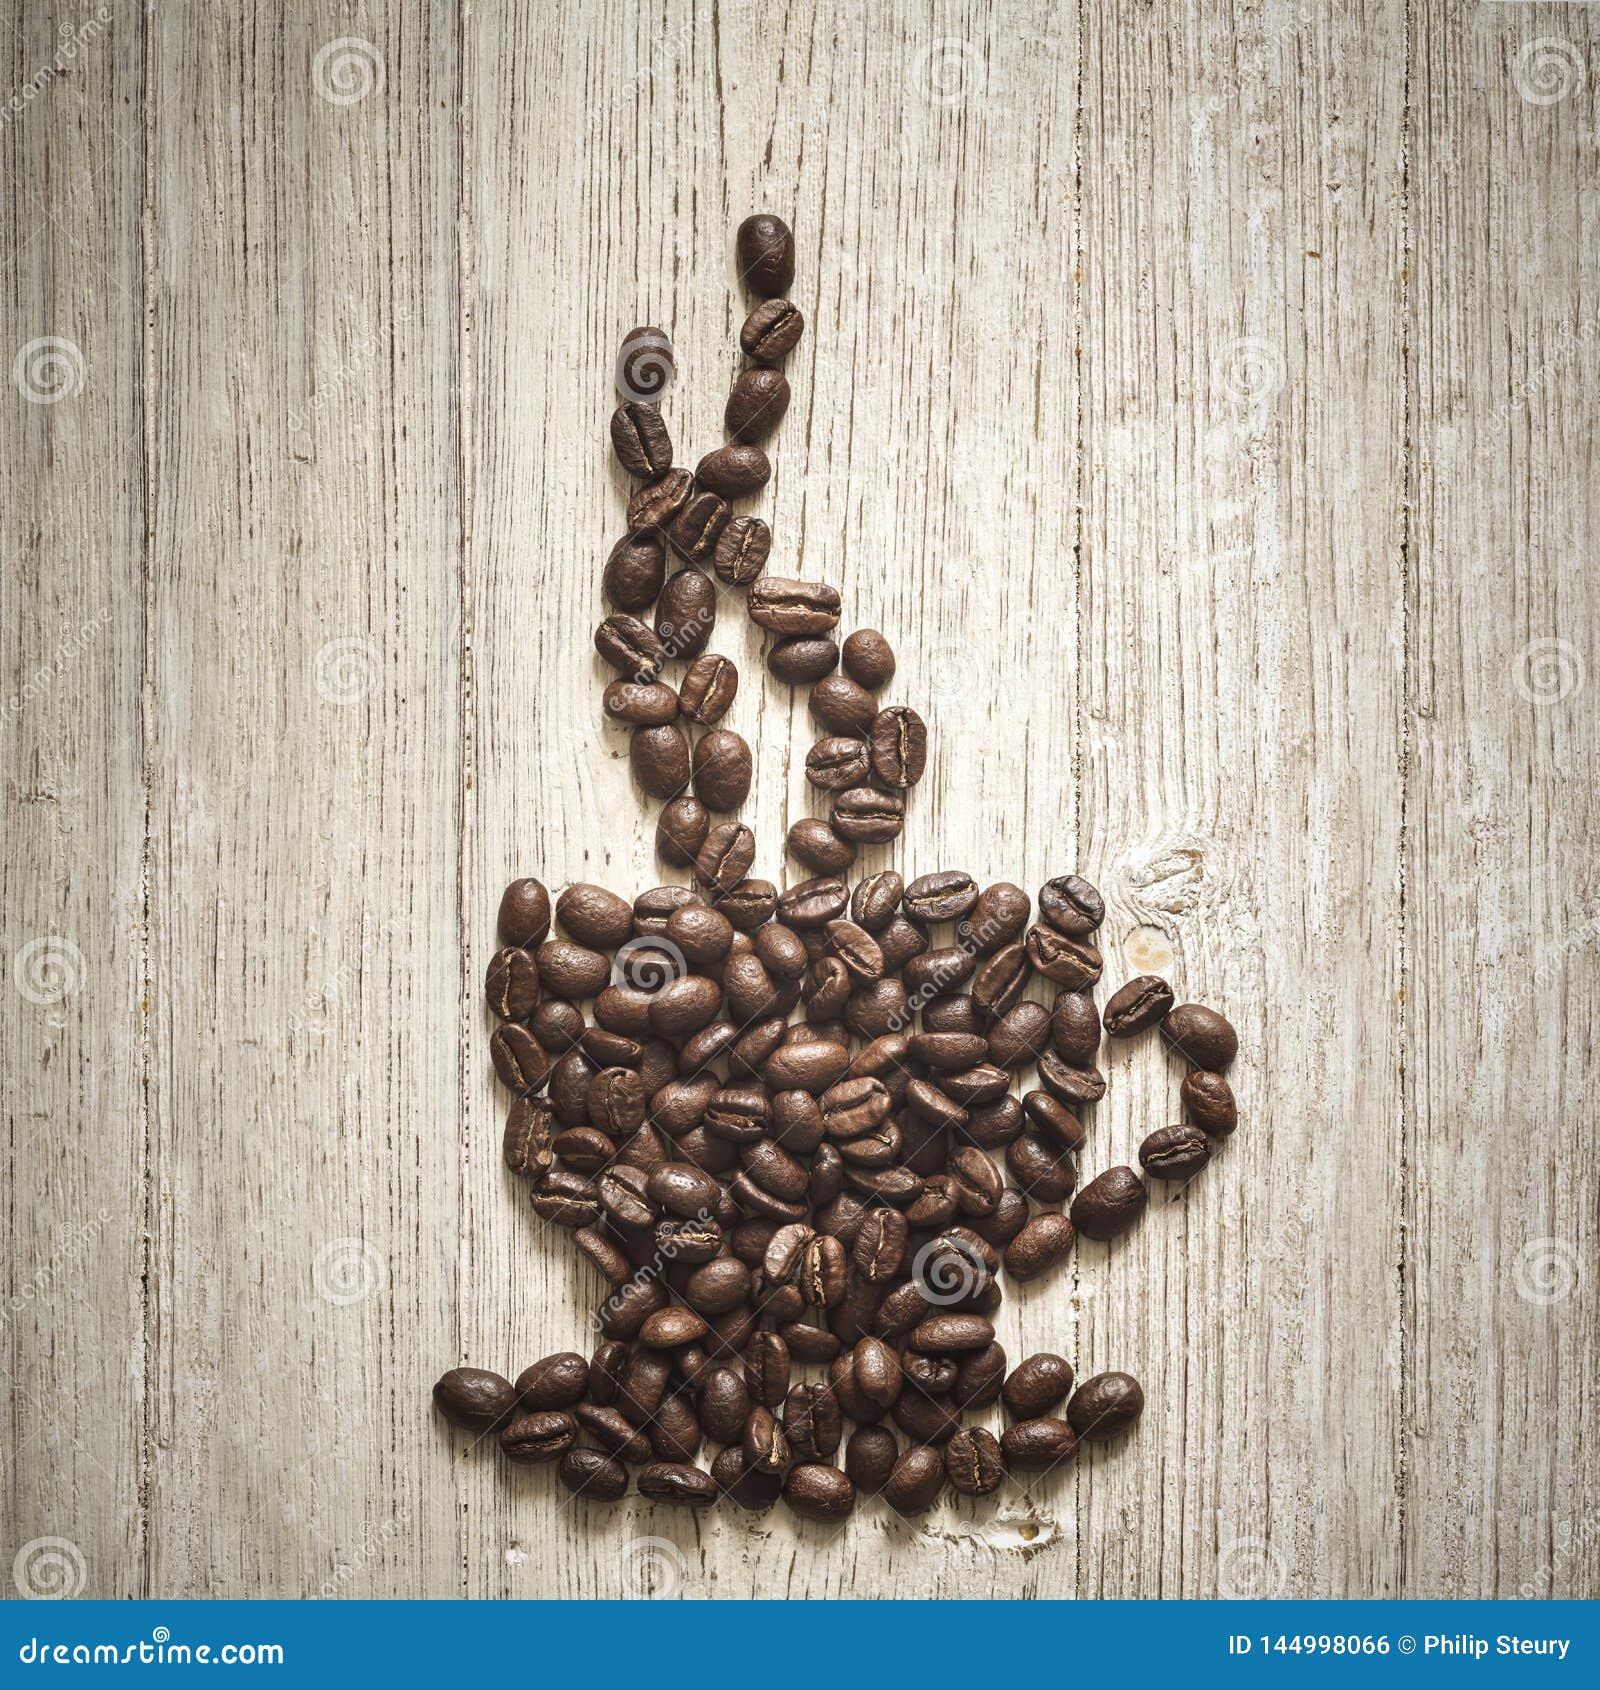 Kaffe Bean Cup